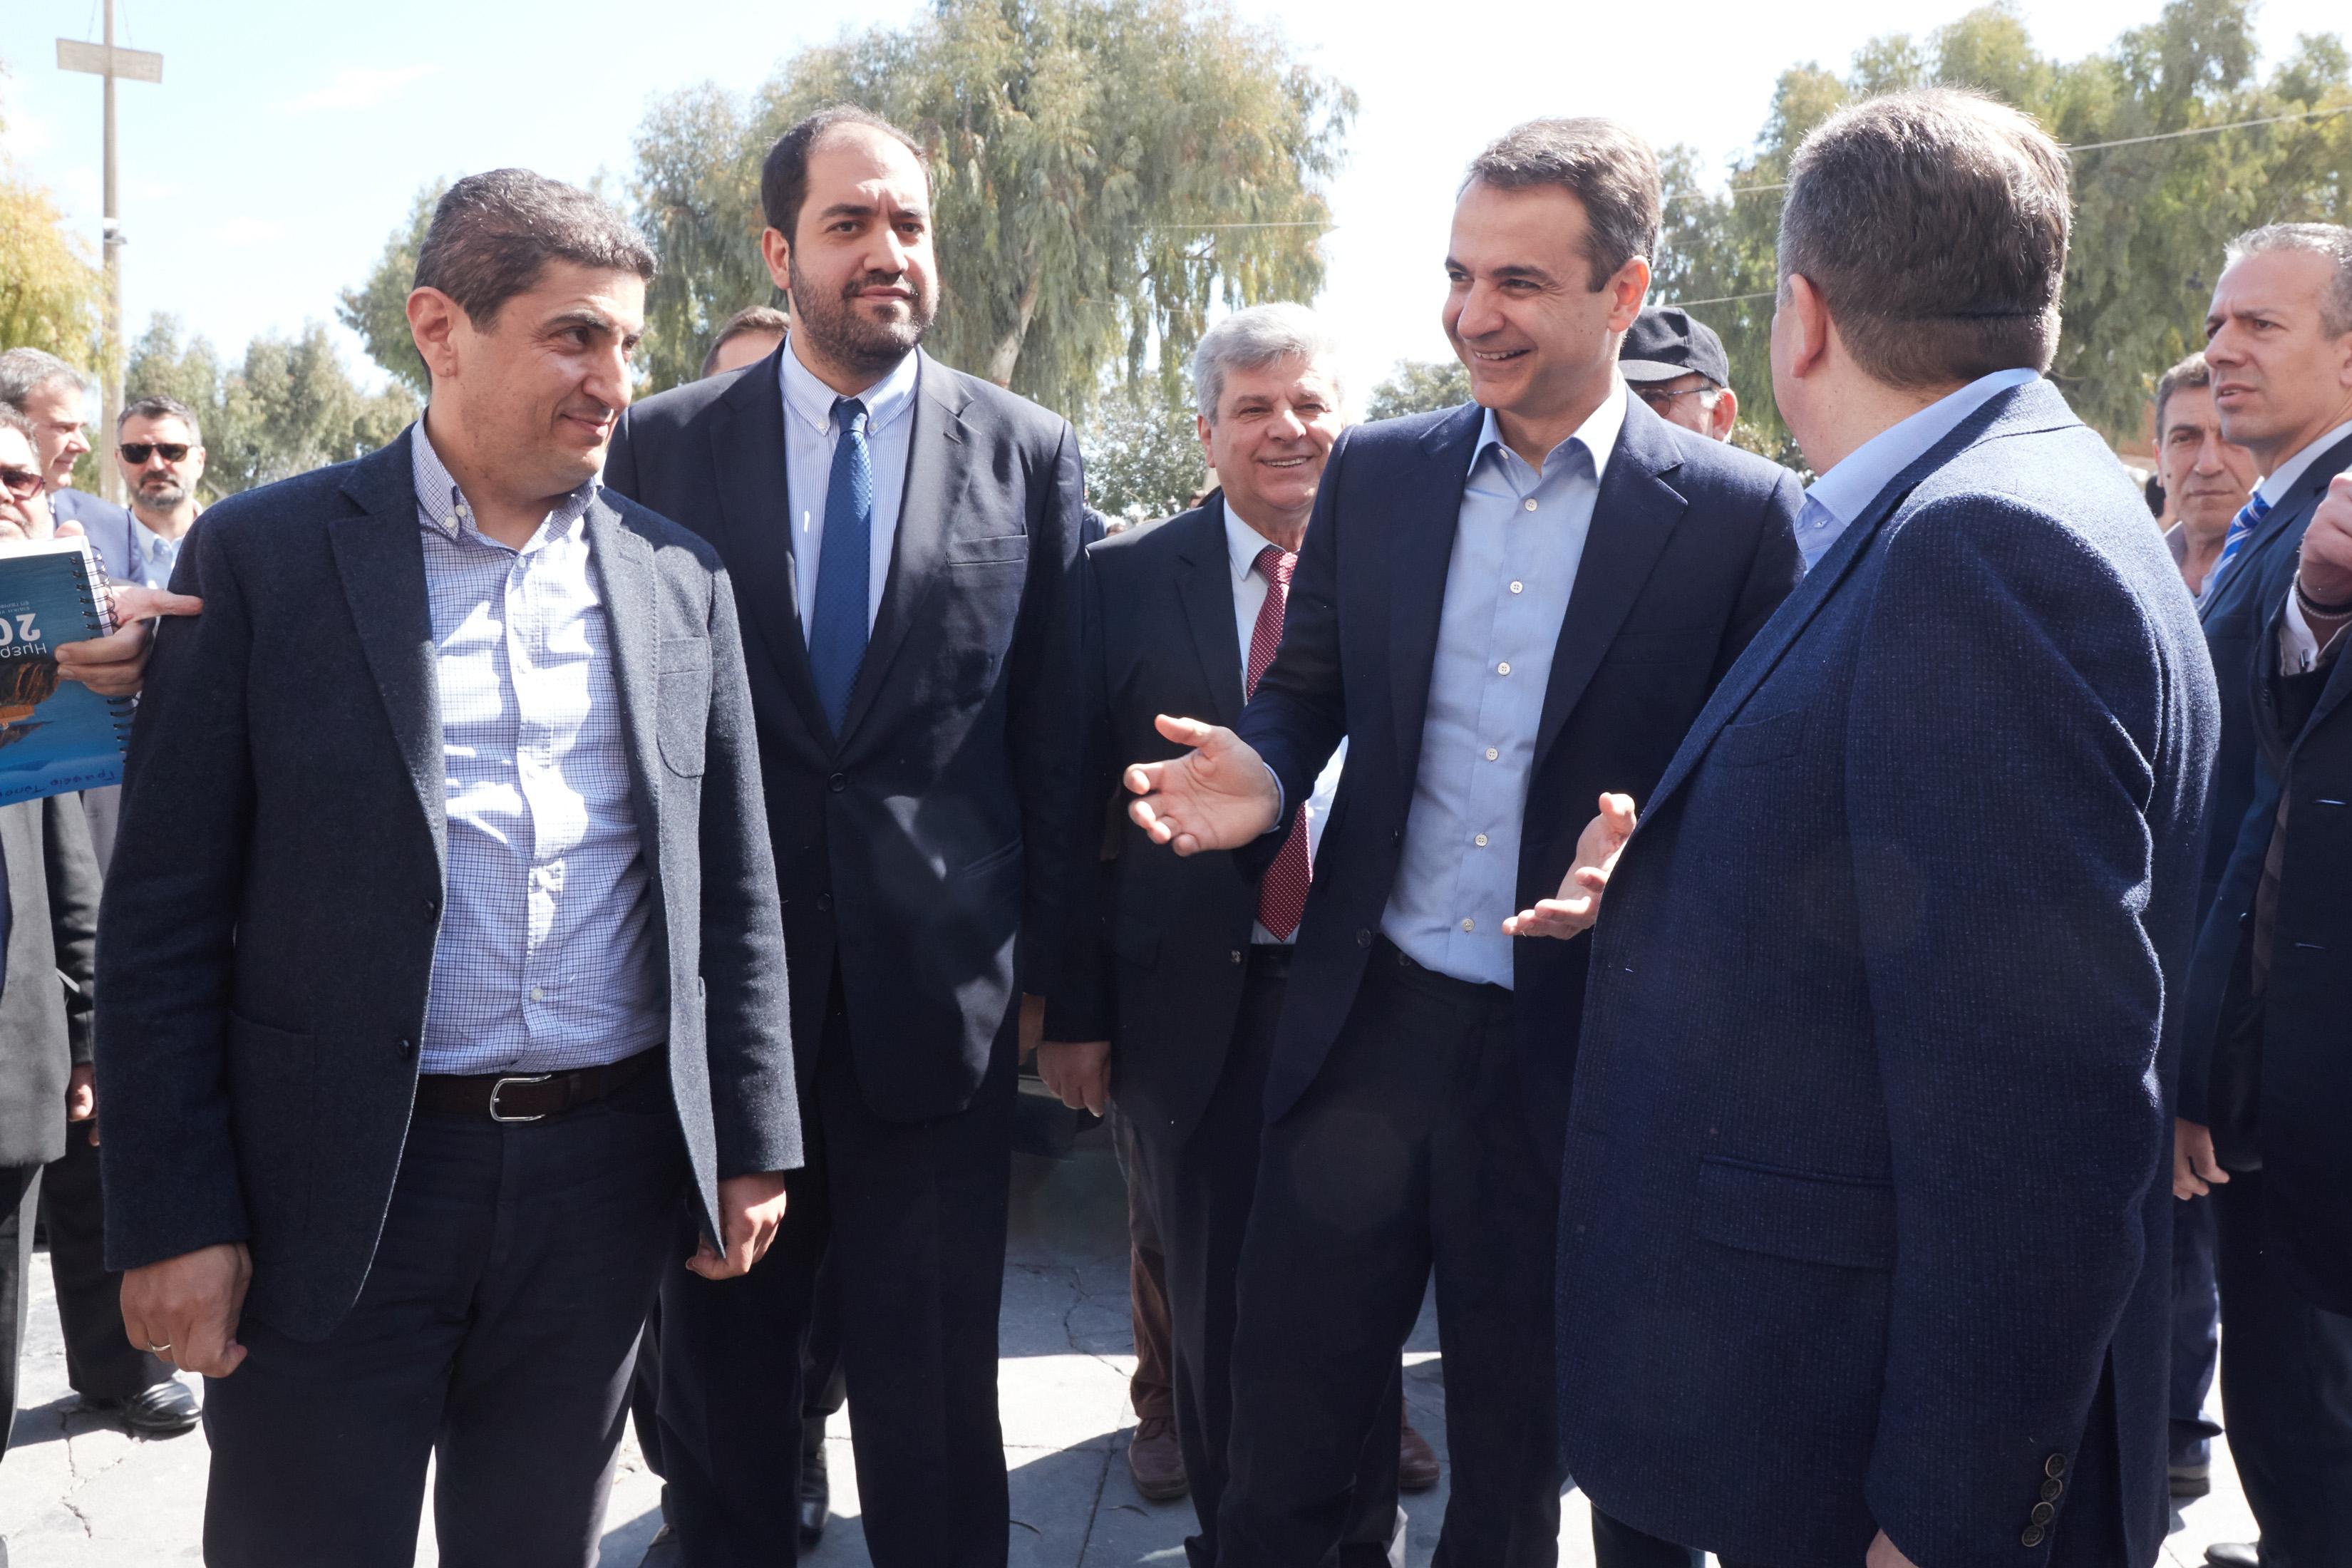 Ο Μητσοτάκης στην Κρήτη: «Με κάθε τρόπο βγες μπροστά και κάμε ό,τι πρέπει, να διώξεις την Αριστερά αυριανέ ηγέτη»